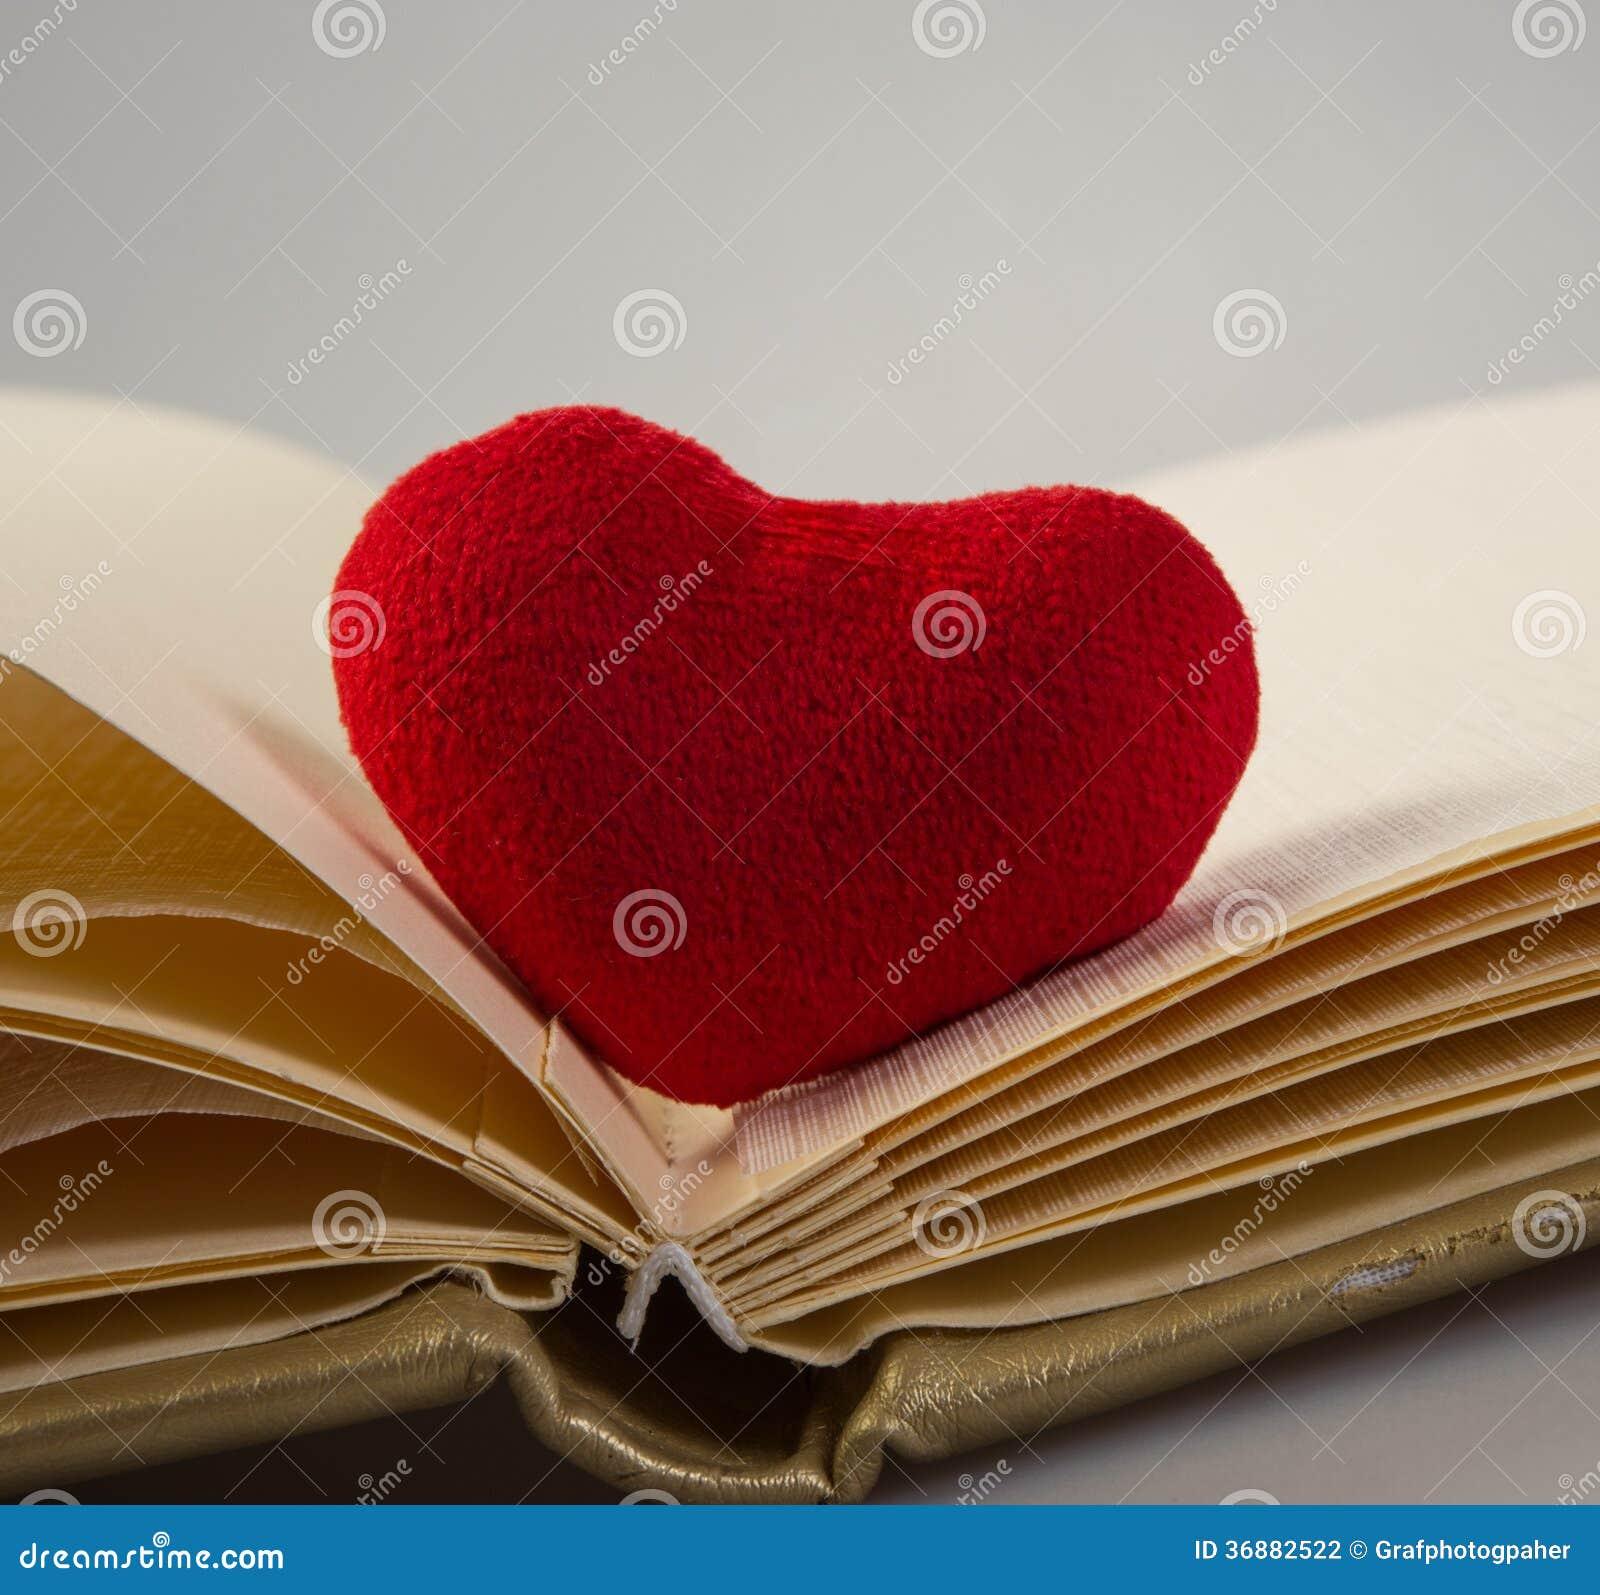 Download Biglietto di S. Valentino fotografia stock. Immagine di festa - 36882522